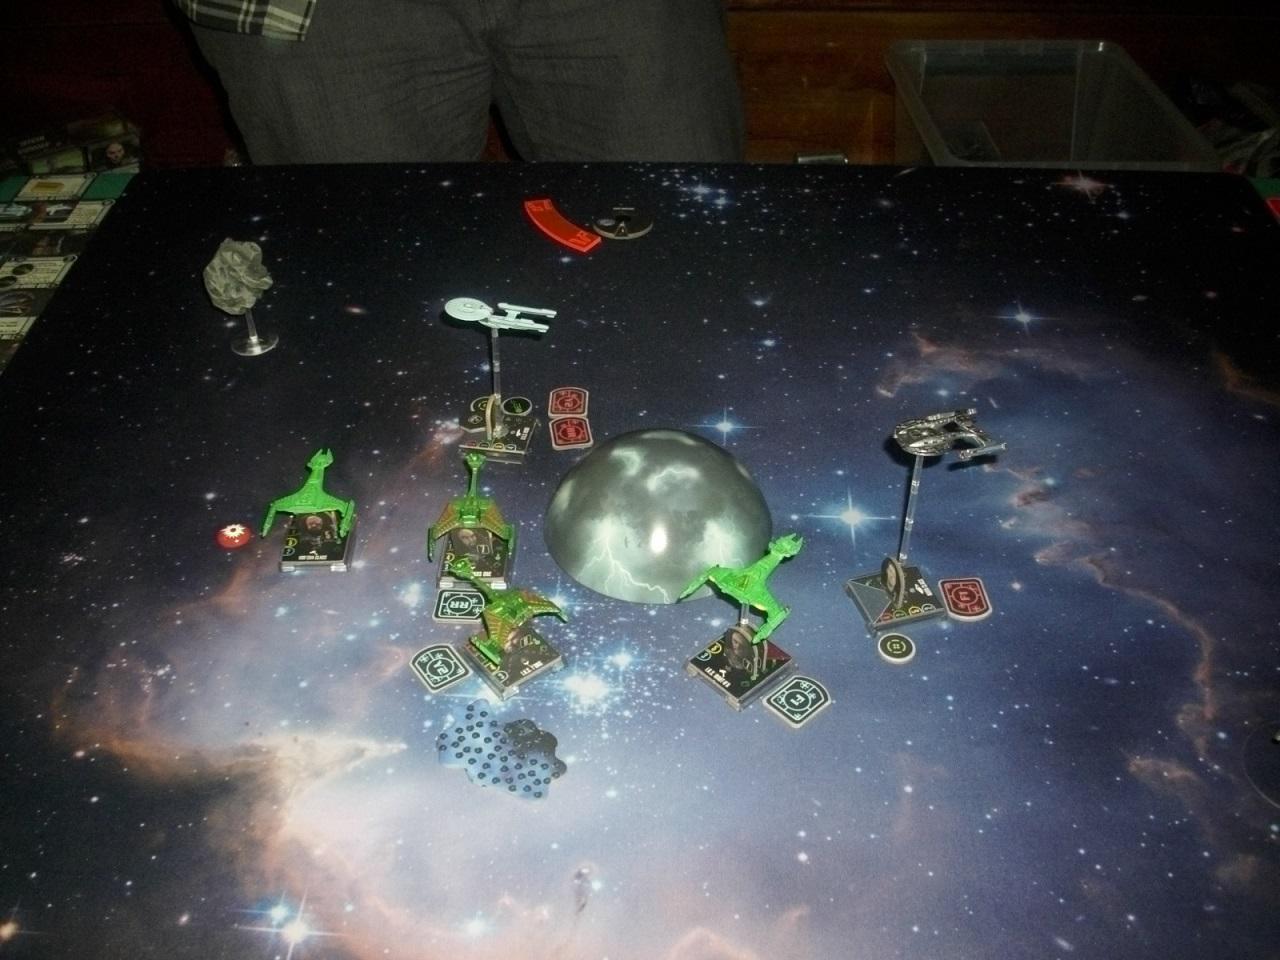 Organia ... Überfall der Föderation auf das klingonische Reich D75rcbunra62ai54a